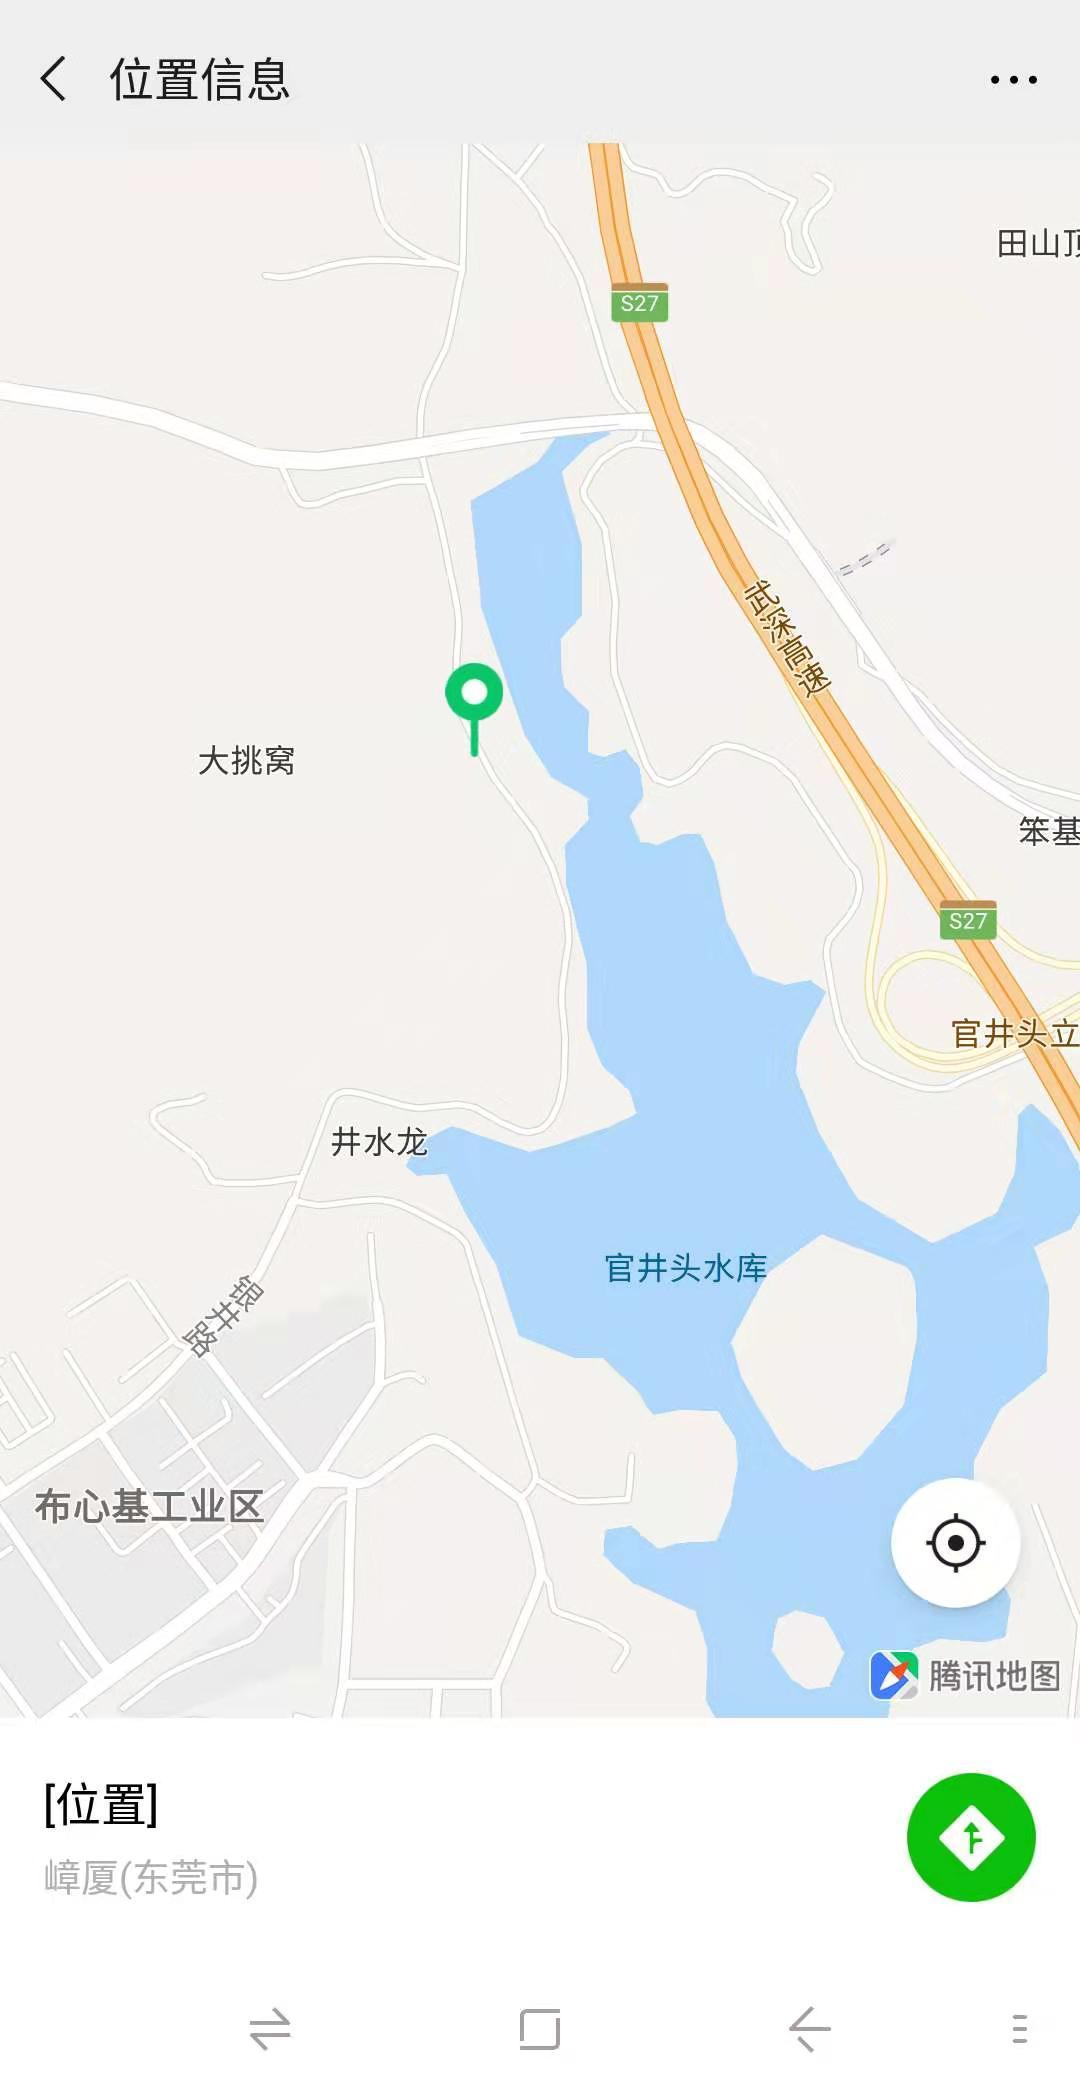 深圳龙岗哪里有正宗的走地鸡卖?